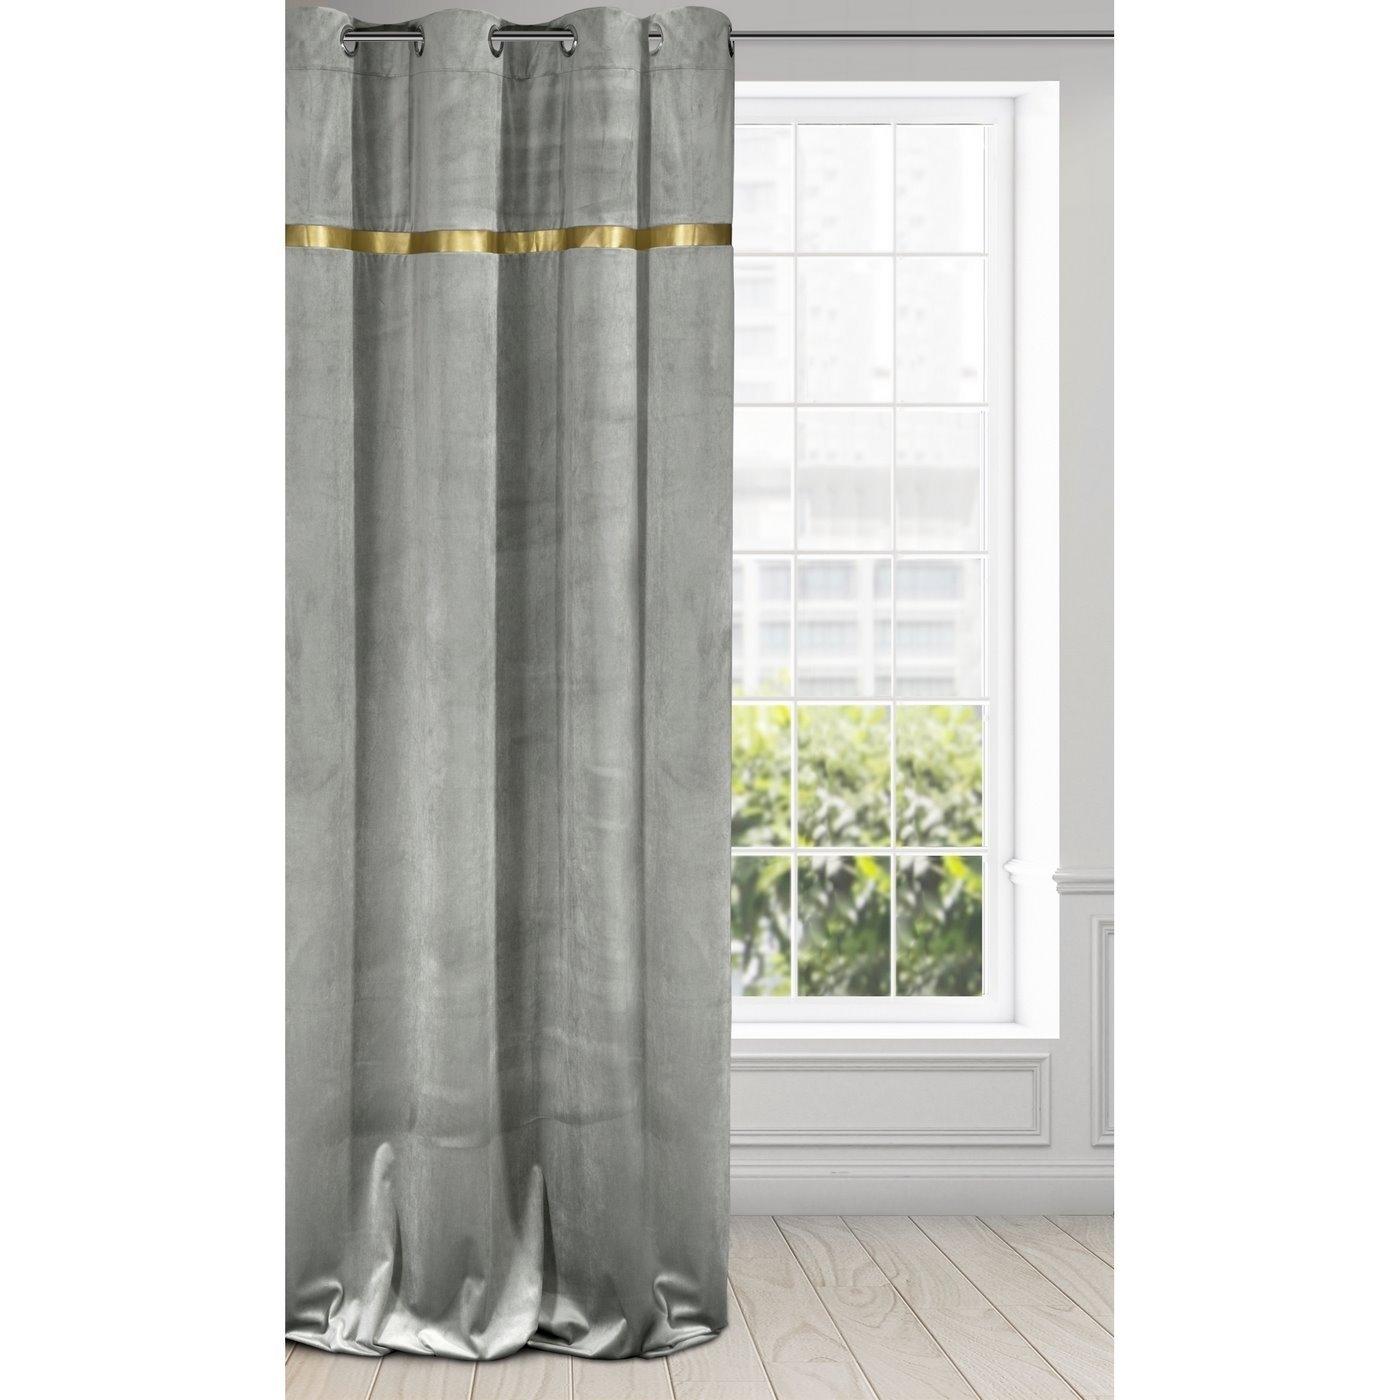 Draperie Emera Velvet Gri, 140 x 250 cm, 1 bucata